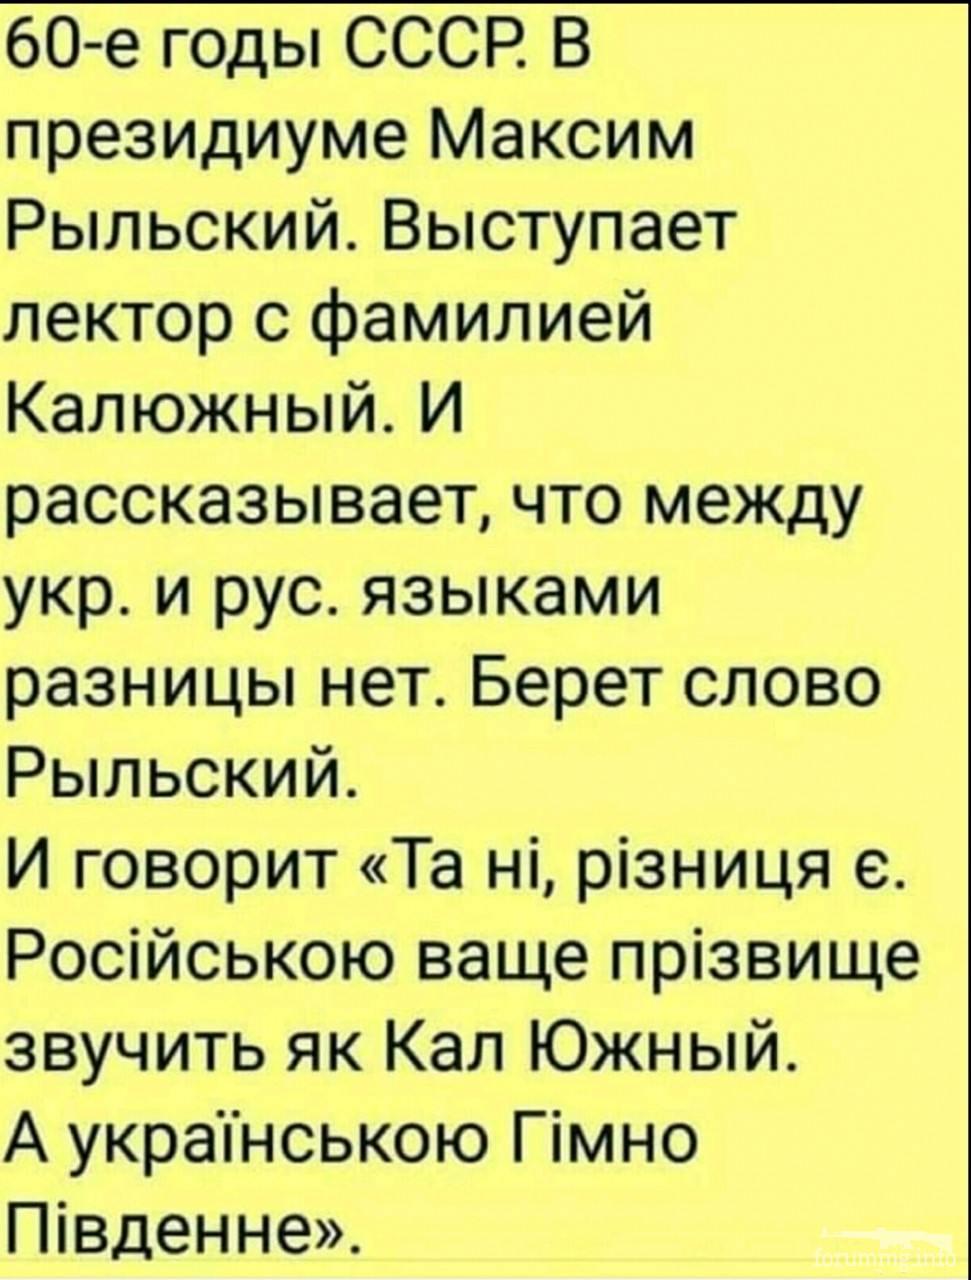 135316 - Украинцы и россияне,откуда ненависть.